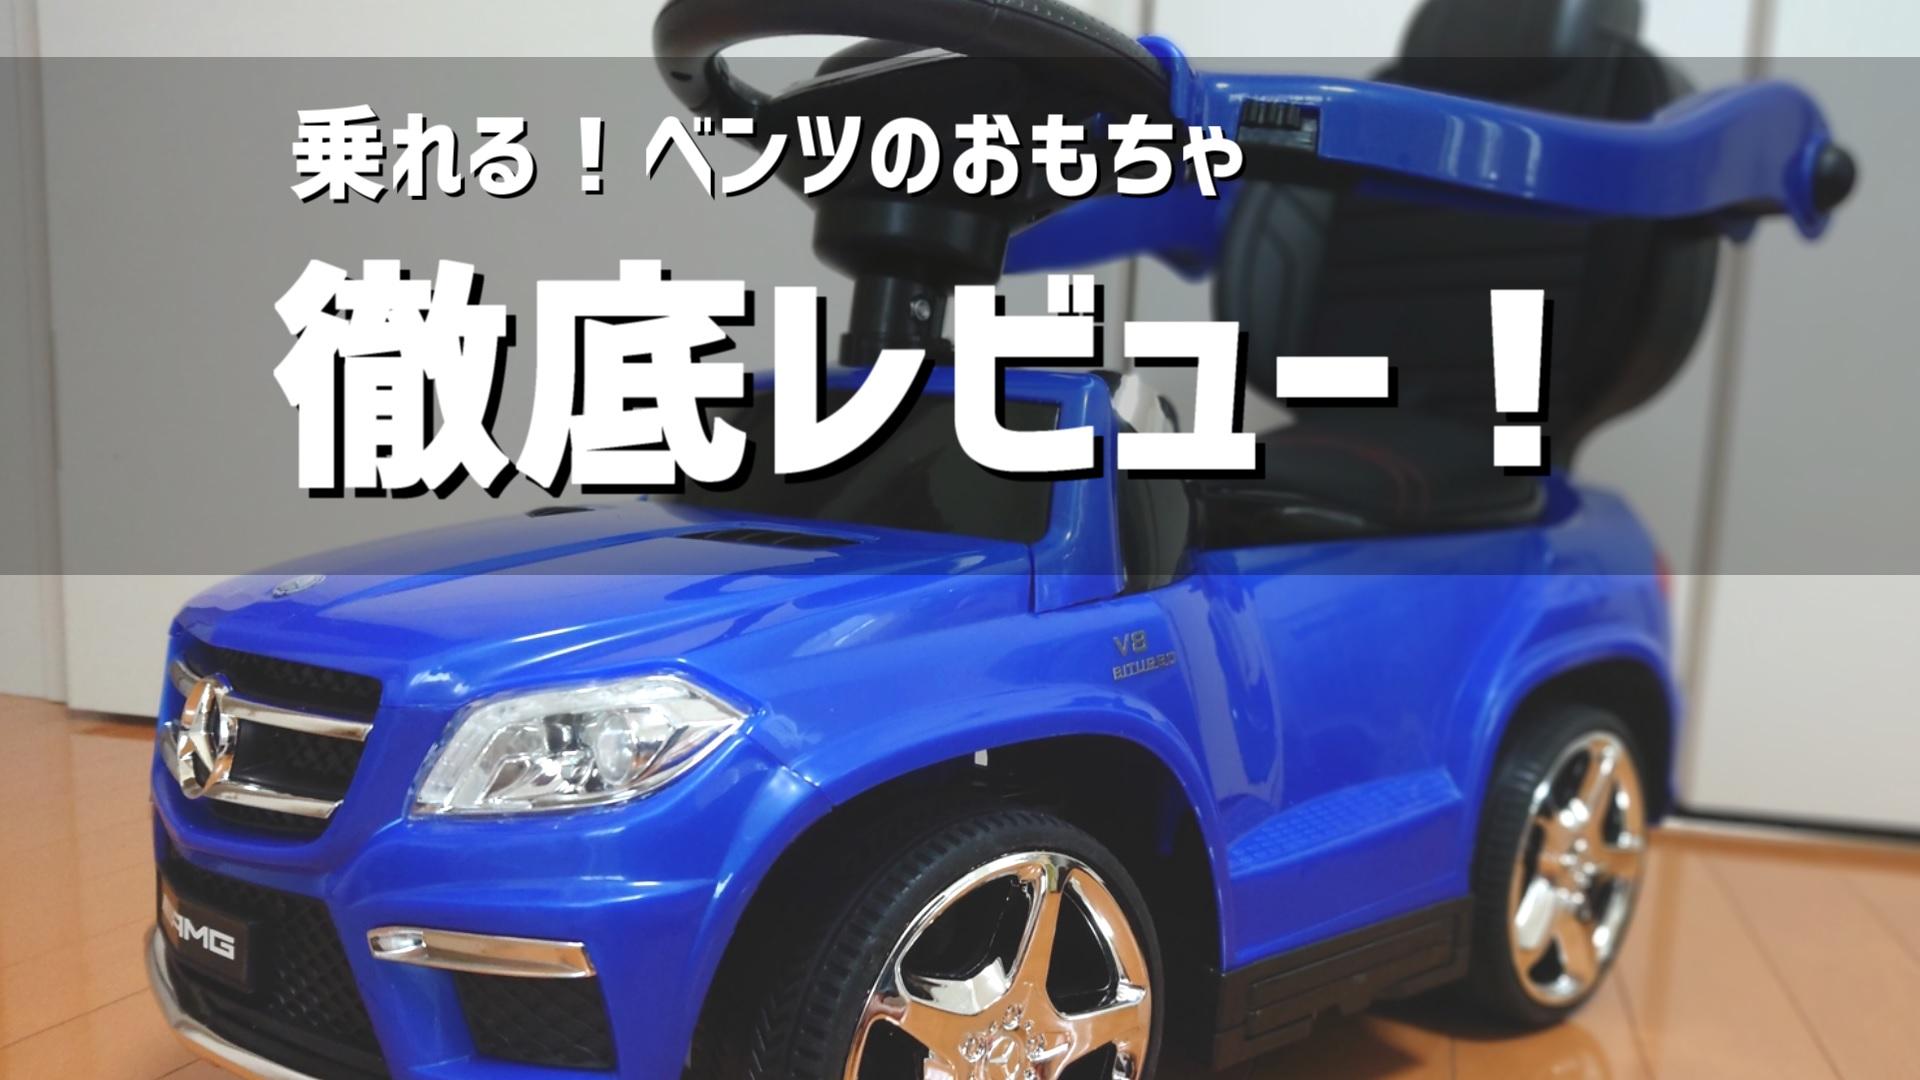 車のおもちゃ徹底レビュー:メルセデスベンツ公式ライセンス ベンツGL63 2WAY 乗用玩具